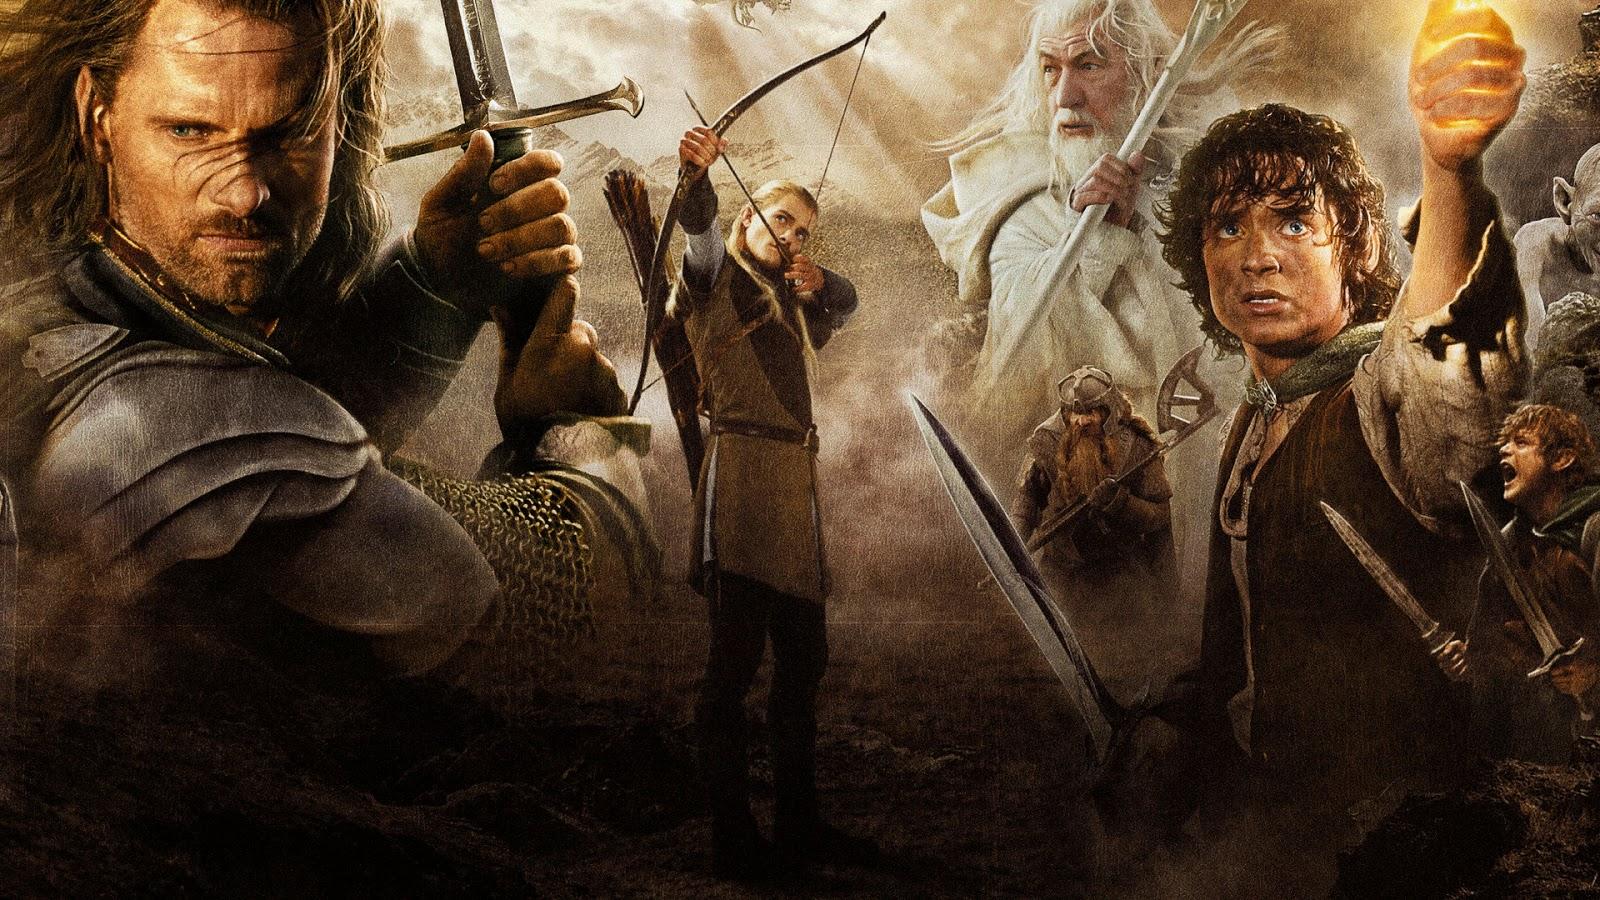 Il Signore degli Anelli – Il ritorno del Re: alcune curiosità sull'ultimo film della trilogia